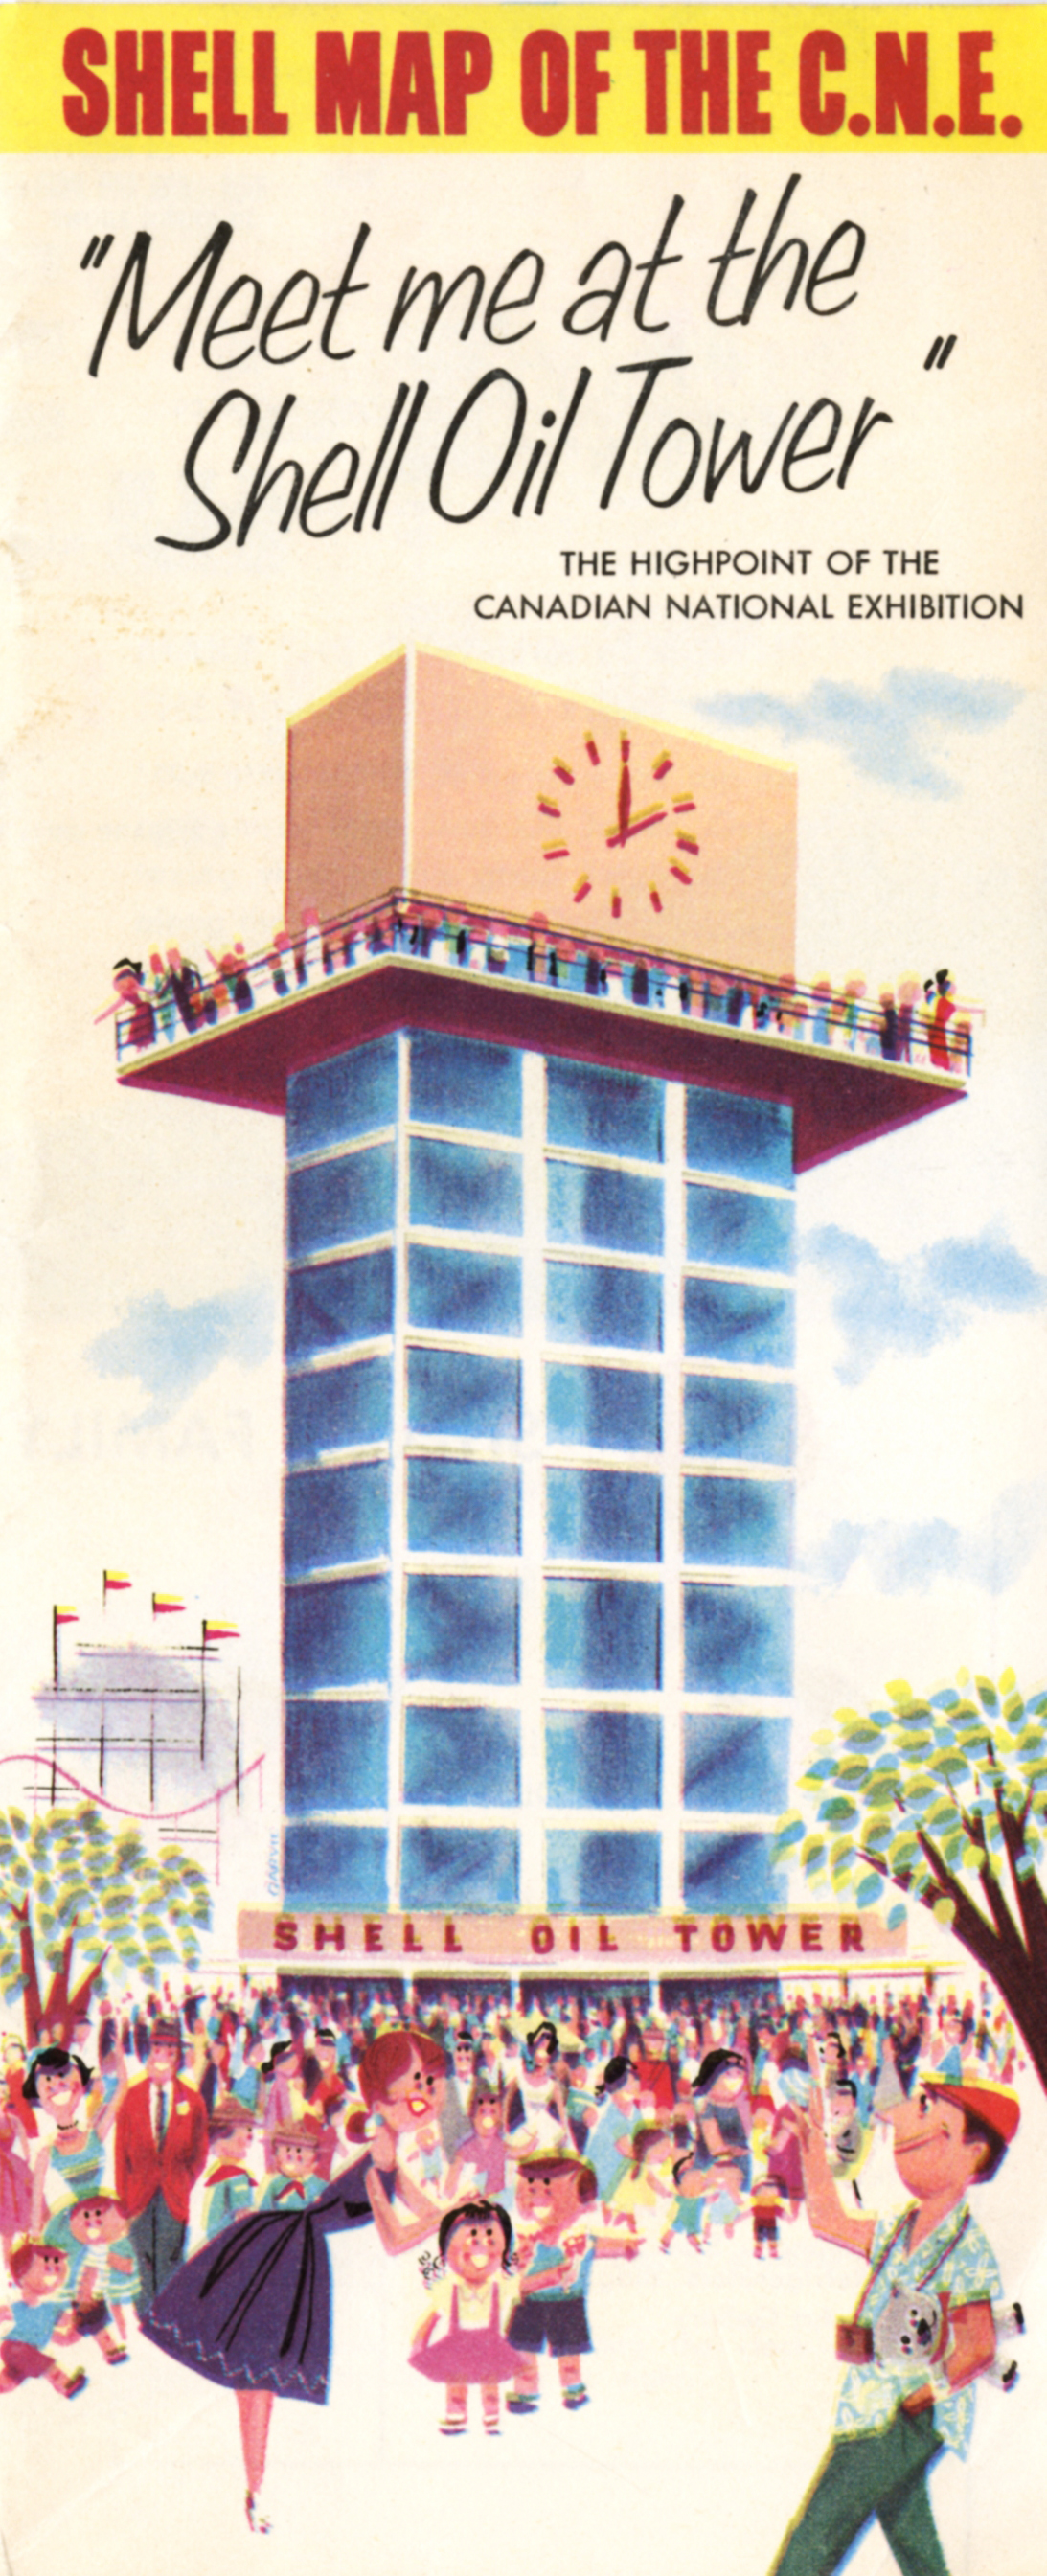 shell-oil-tower-brochure-1.jpg